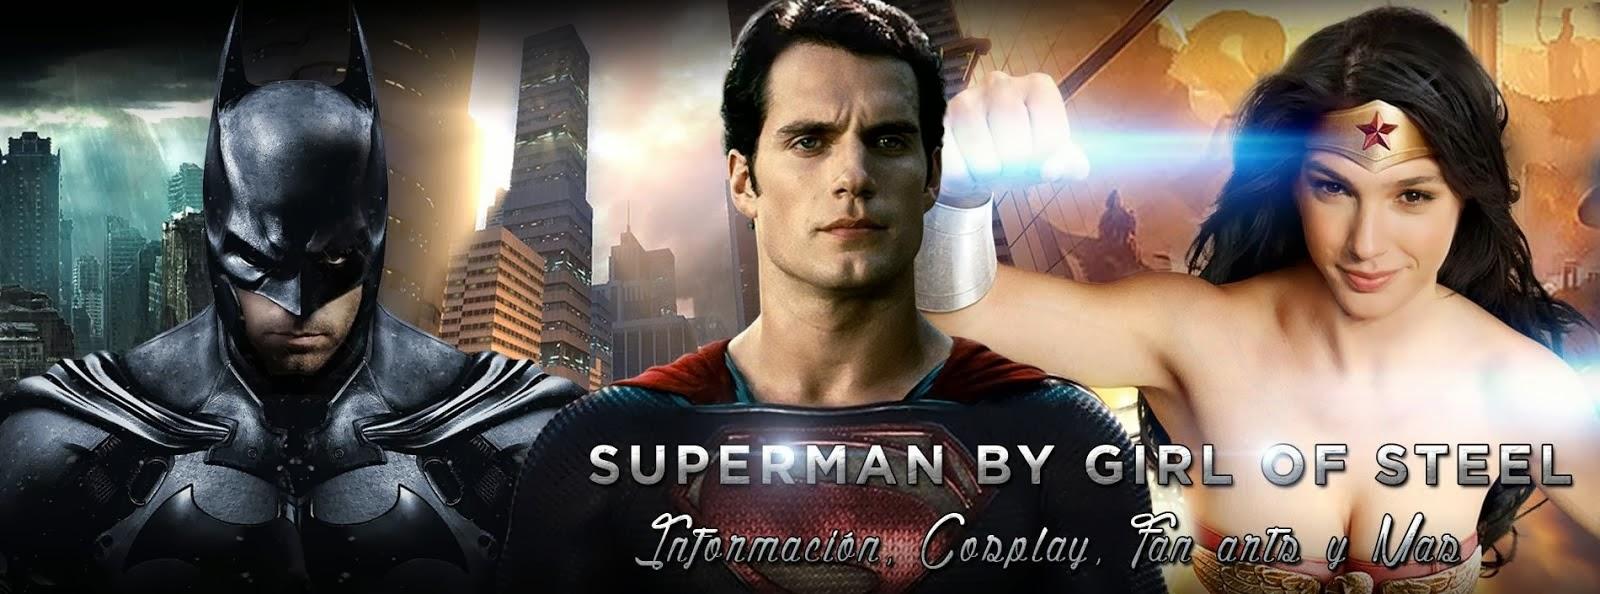 Entra en la Fortaleza de la Soledad de Girl of Steel, y entérate de las noticias sobre Superman!